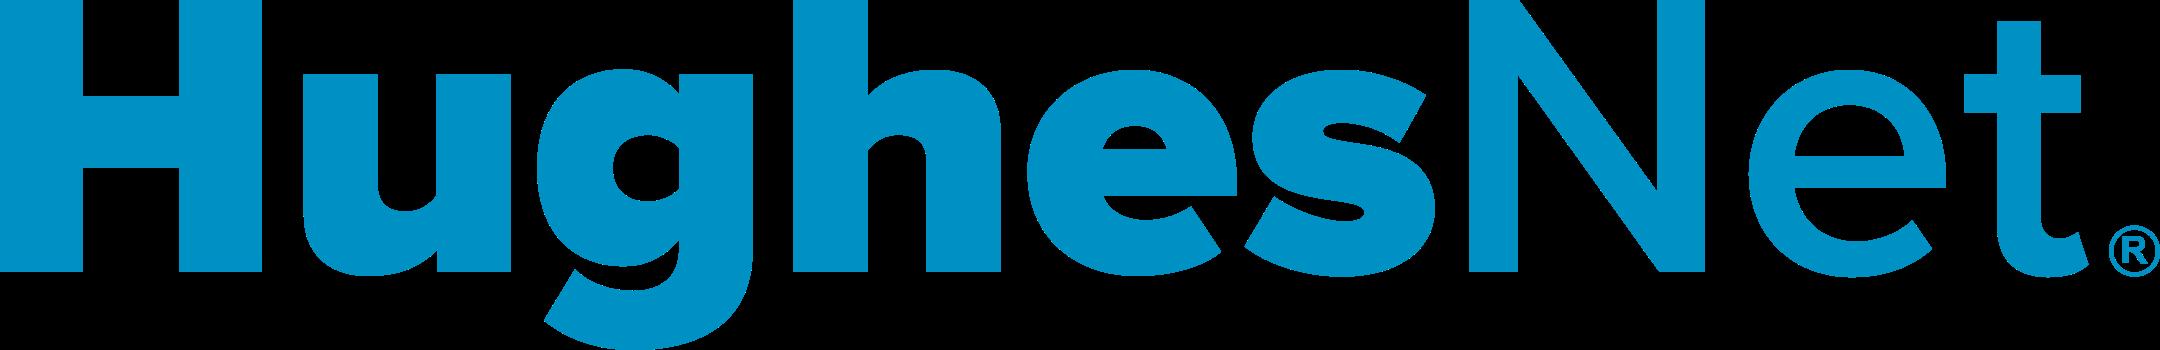 hughesnet logo 1 - HughesNet Logo